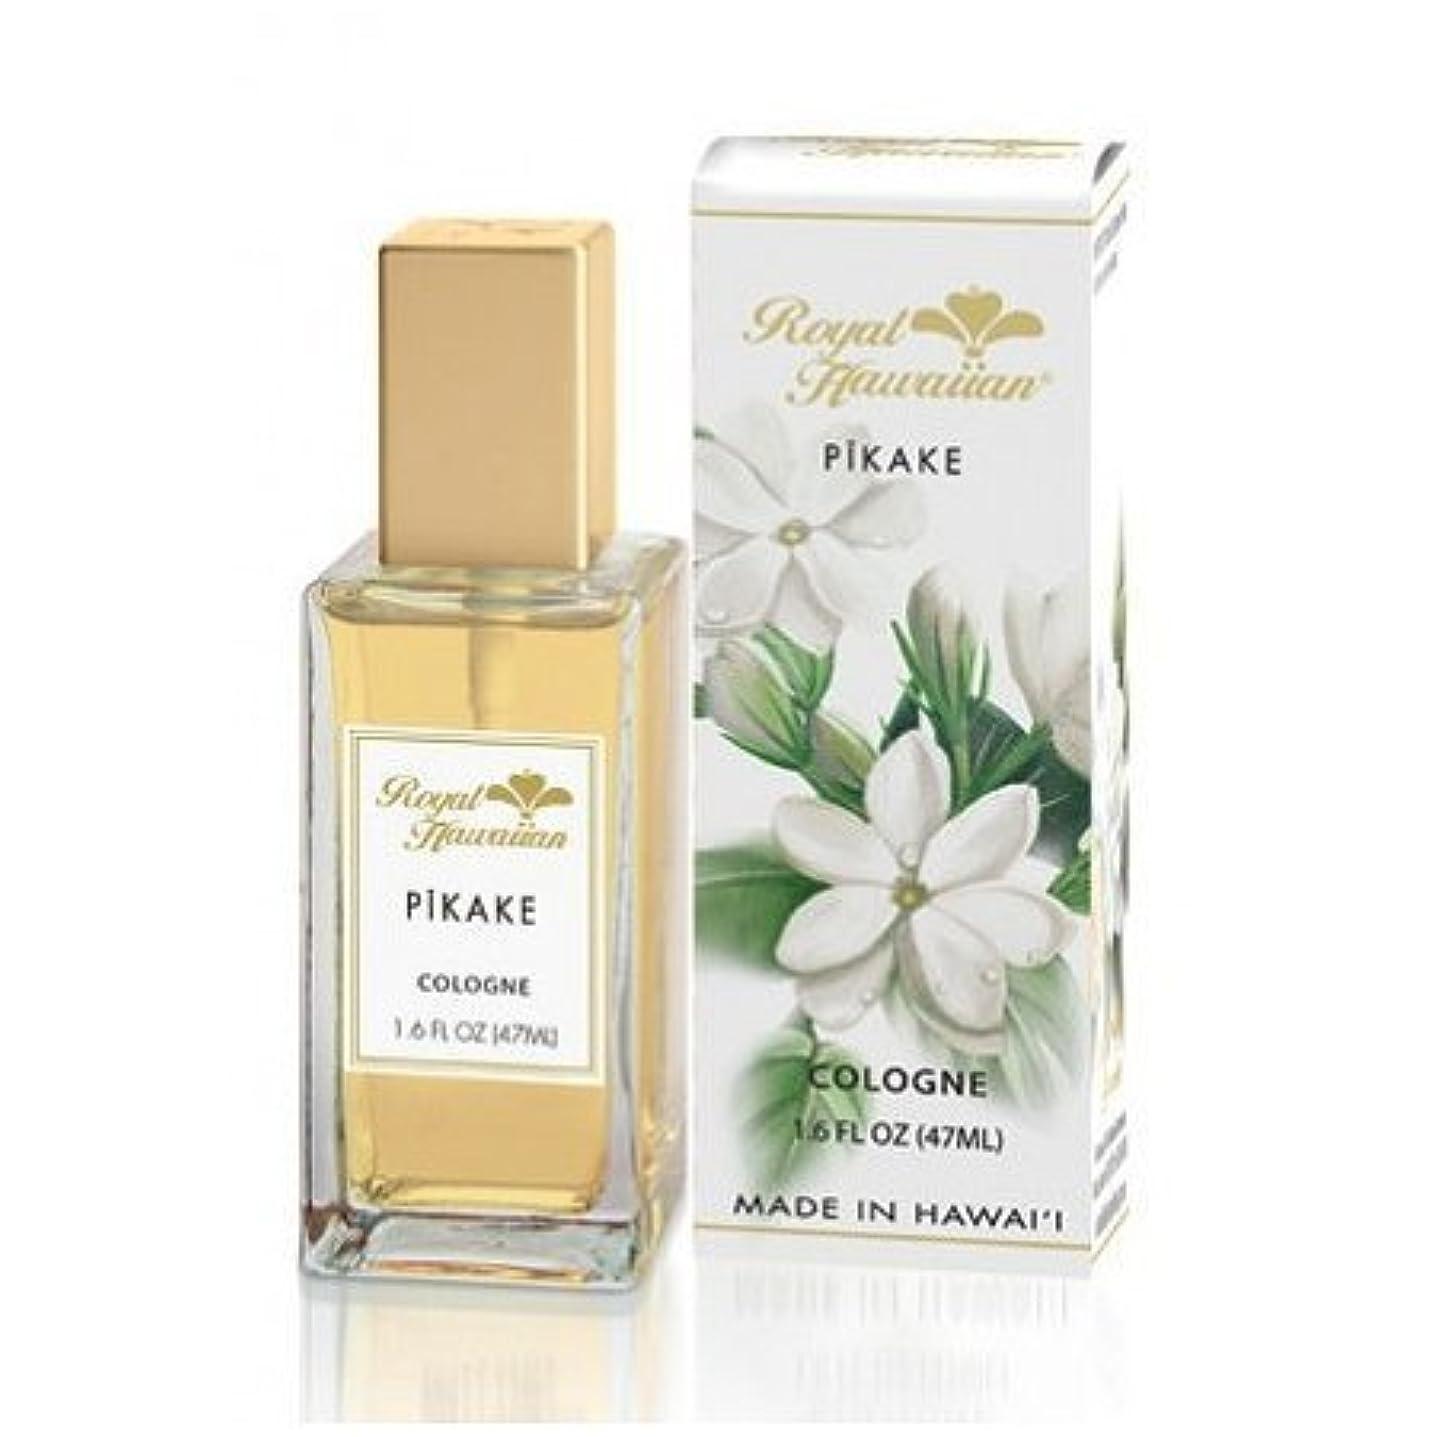 損傷ガラス伝統的ロイヤルハワイアン ピカケ ジャスミン香水